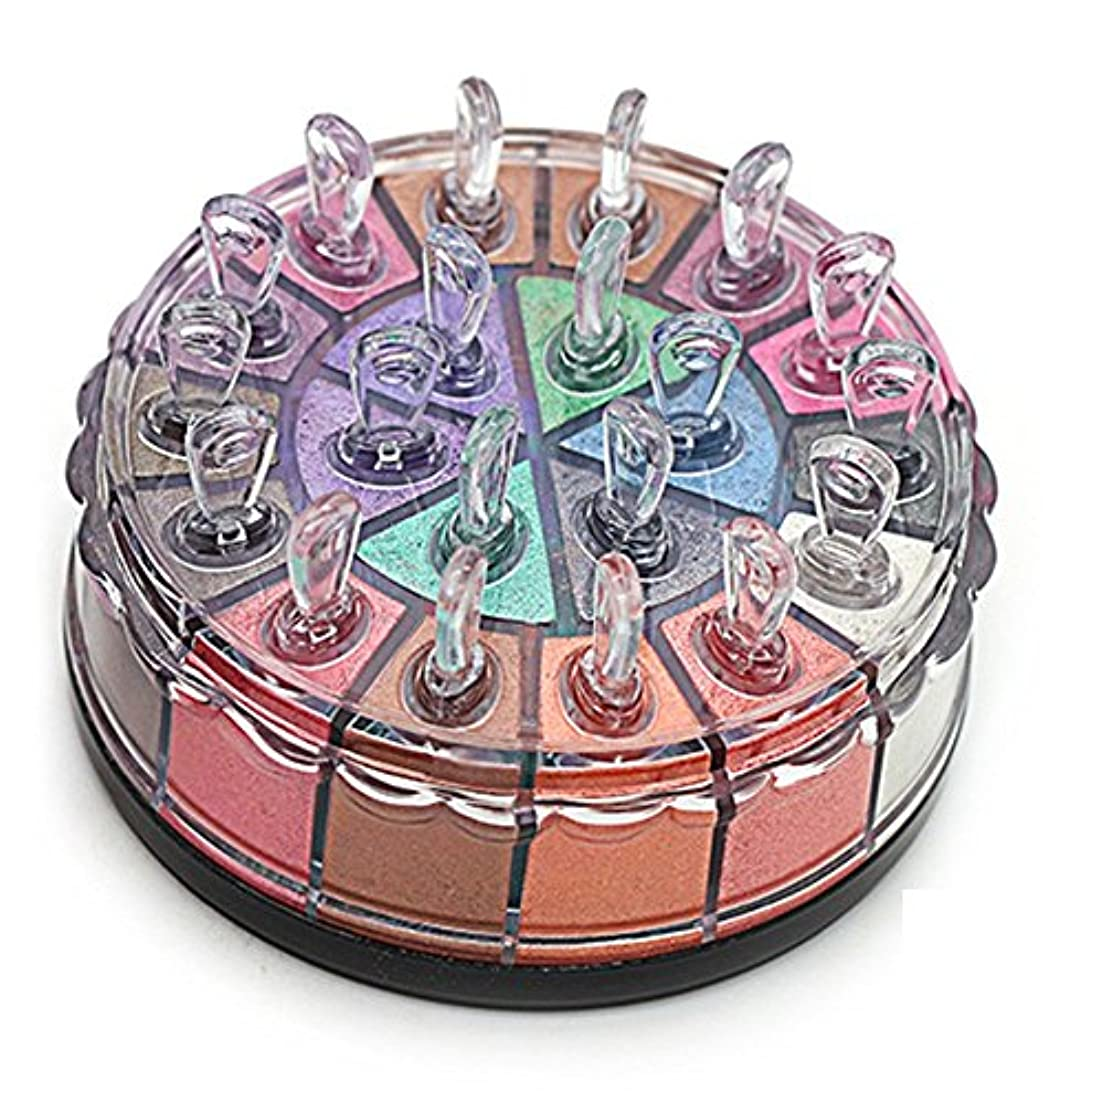 自発原点ヶ月目Matte Eyeshadow YOKINO アイシャドー パレット 化粧筆 専門化粧 人気 イシャドウ 20色 (2#)